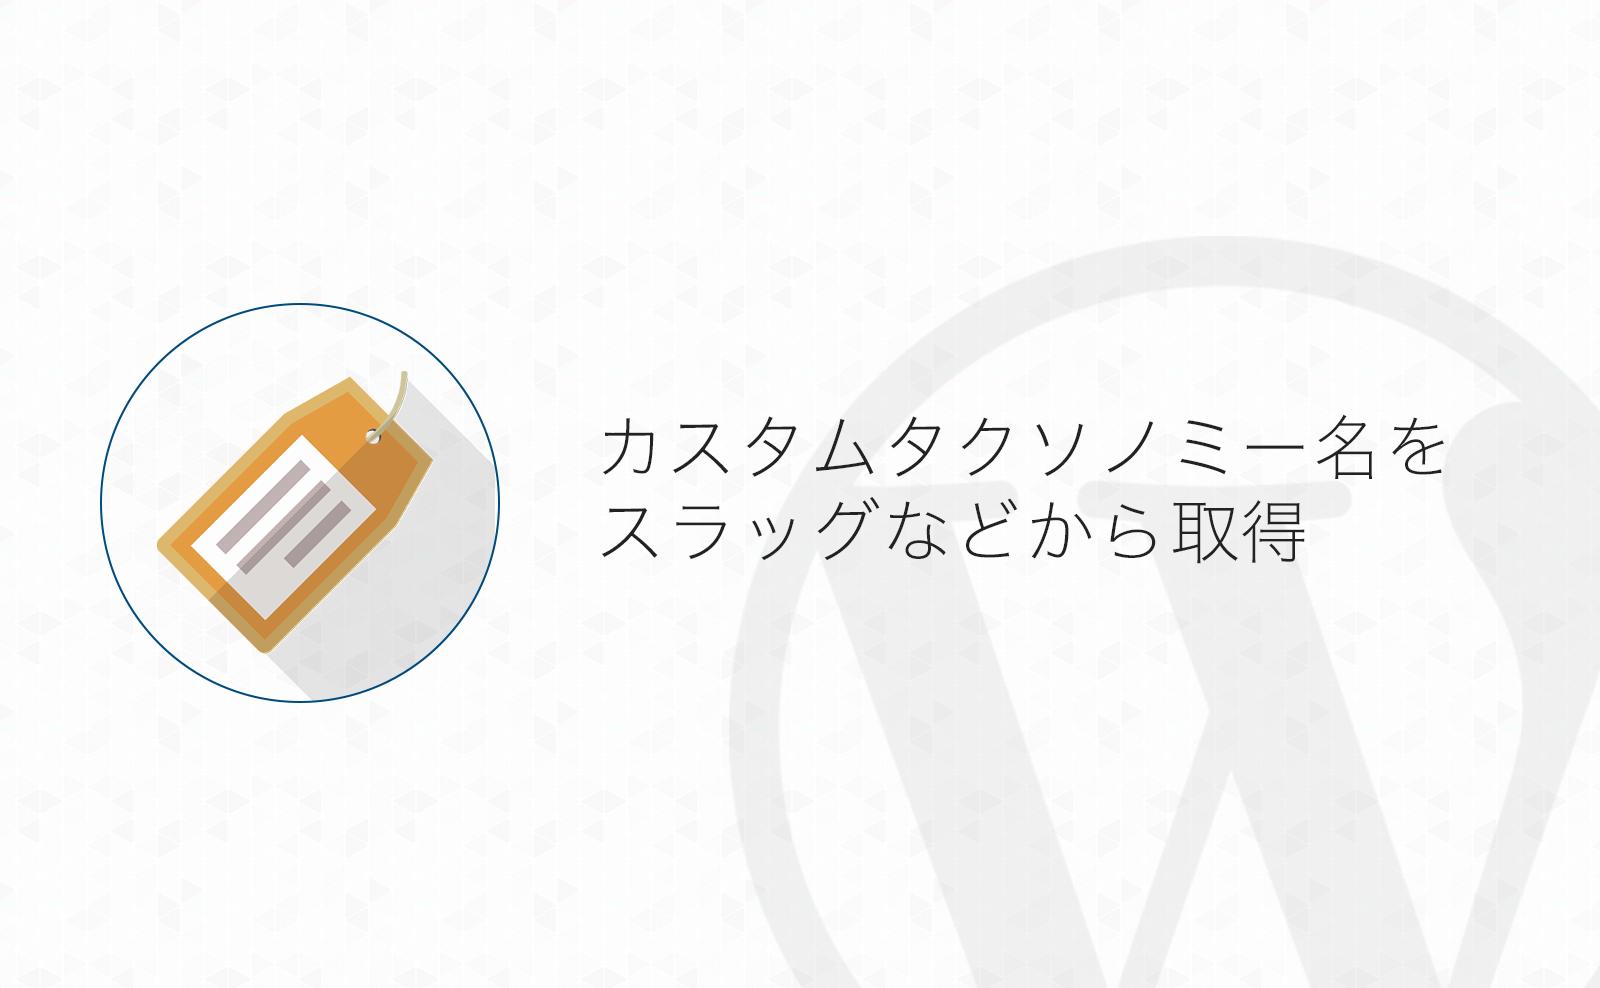 【WordPress】カスタムタクソノミーのタームの名前をスラッグなどから取得する方法